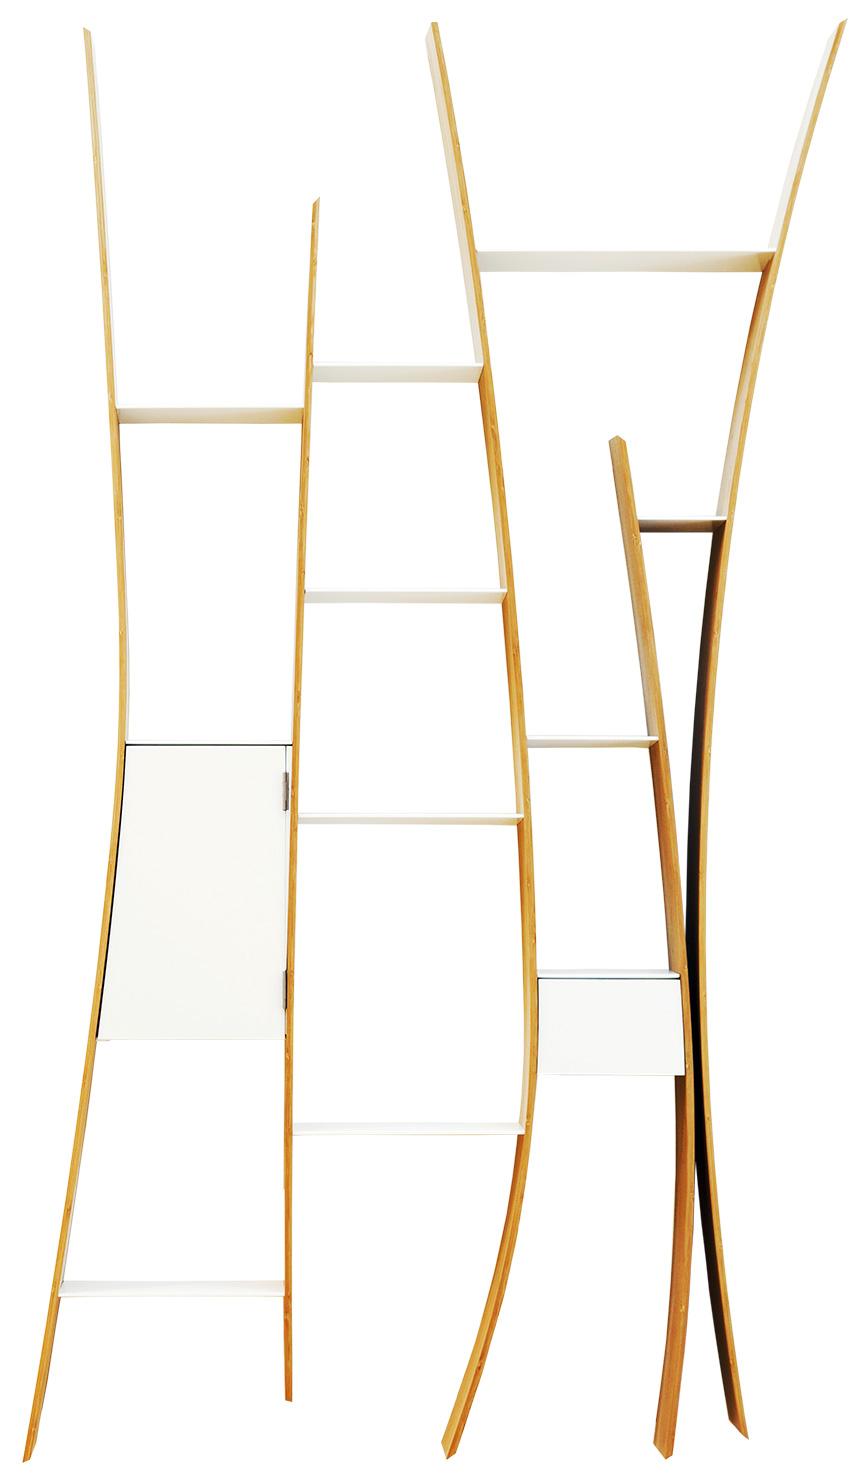 Die Gute Form 2011 – Isabell Schalk